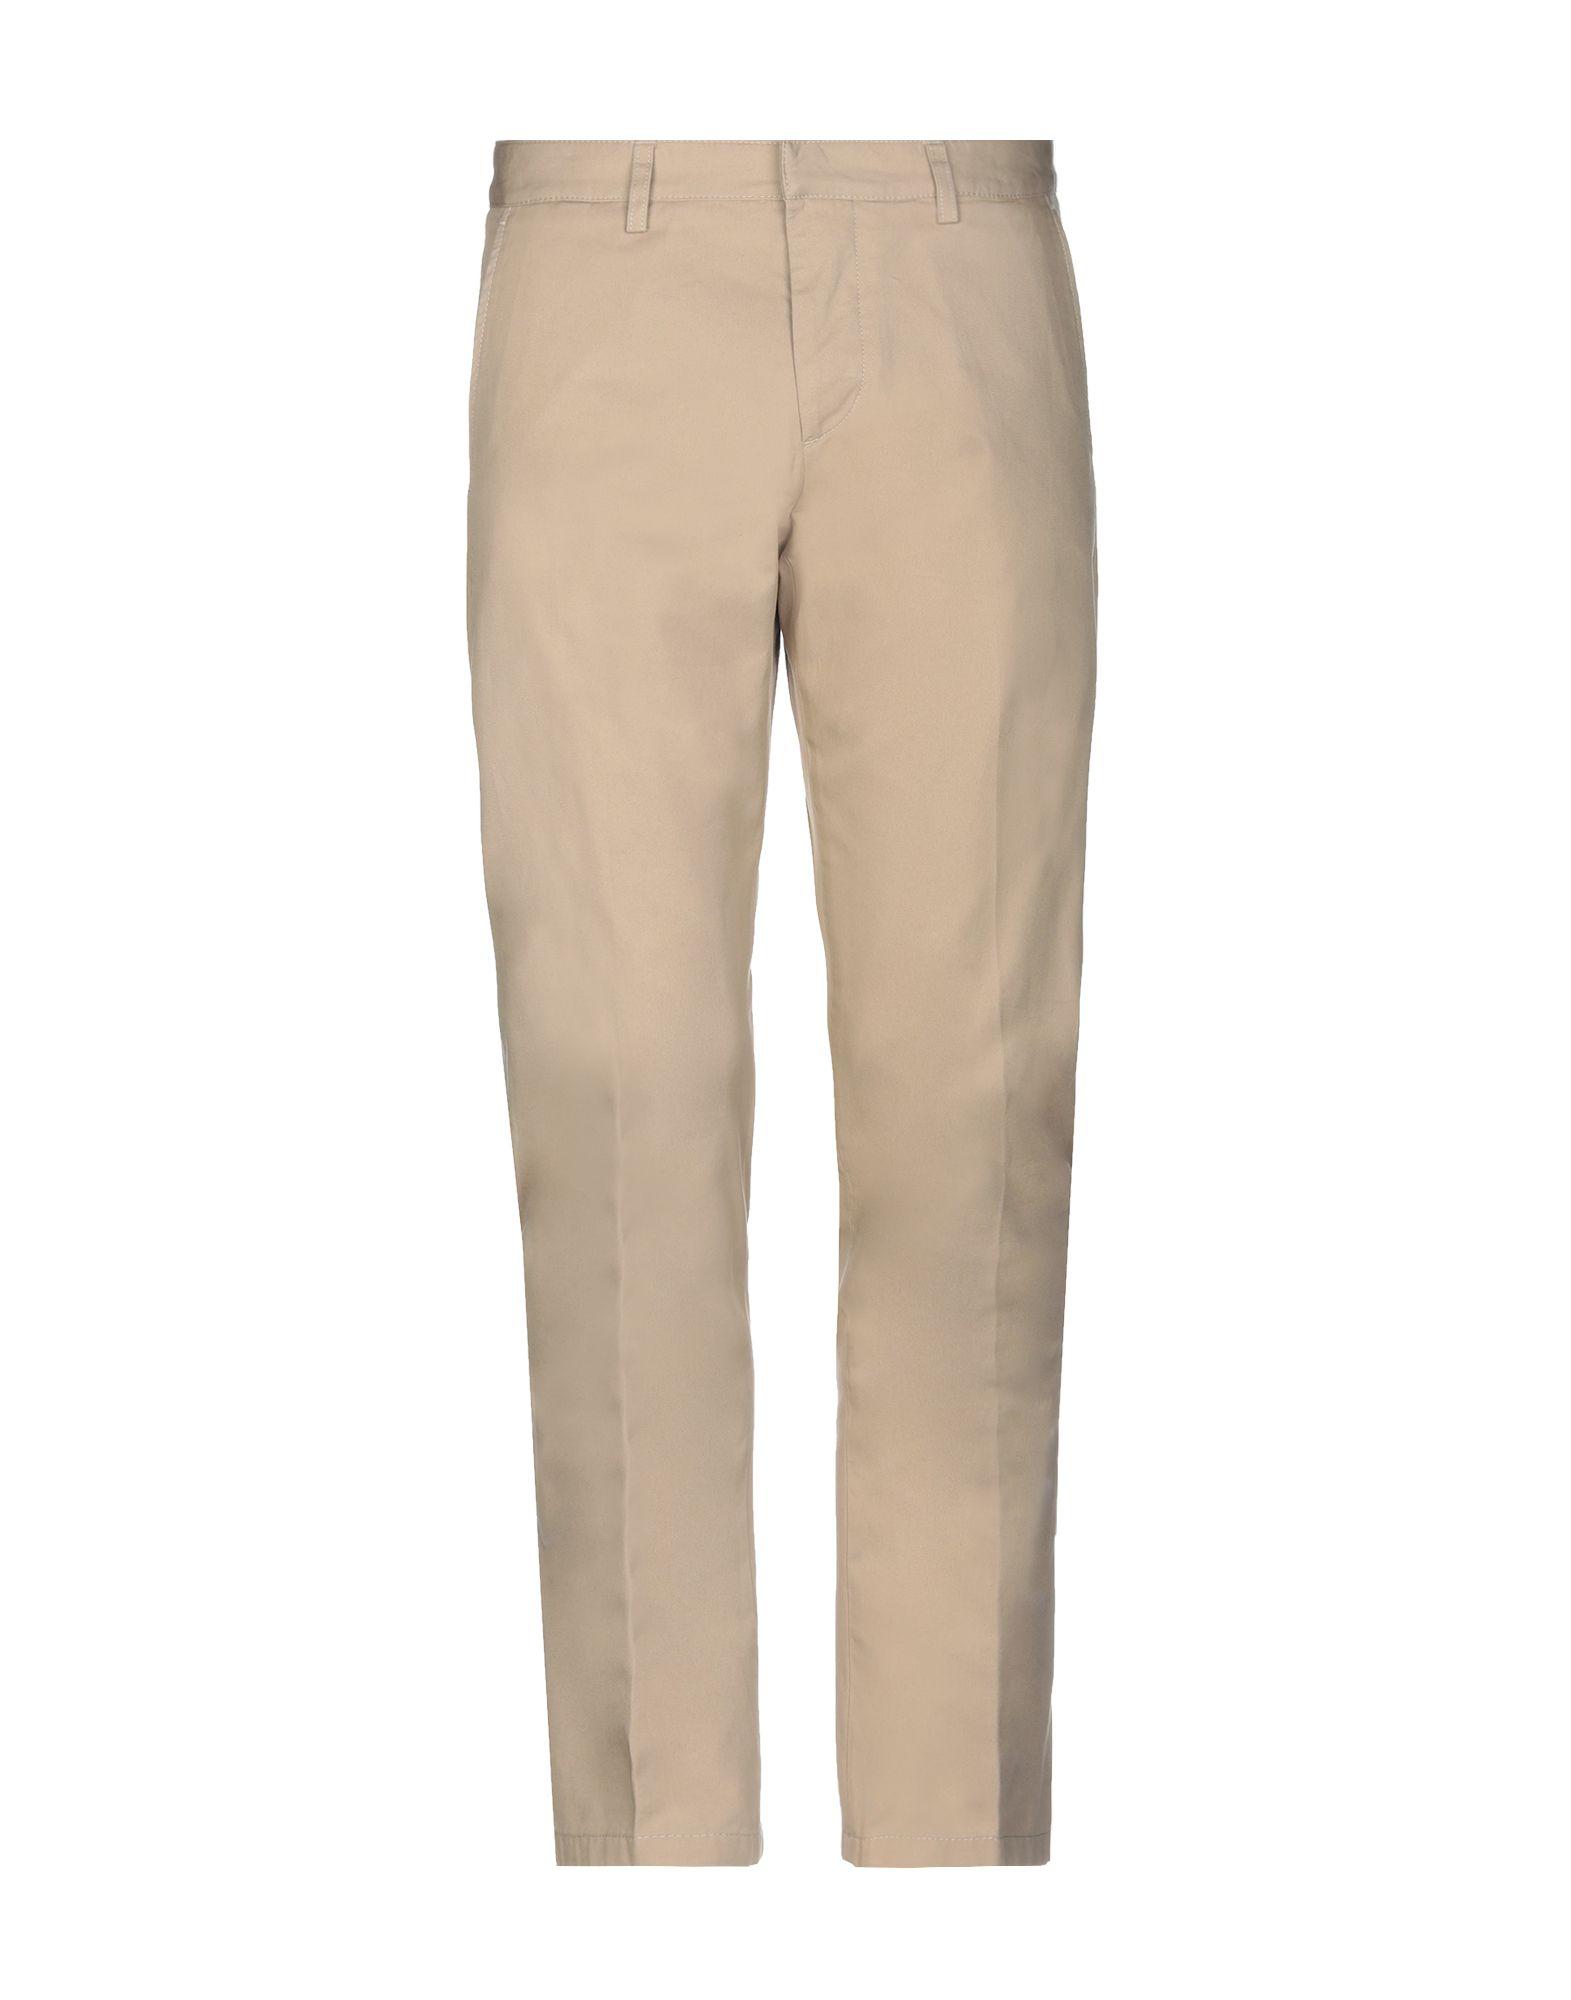 《期間限定セール開催中!》AMI ALEXANDRE MATTIUSSI メンズ パンツ サンド S コットン 100%